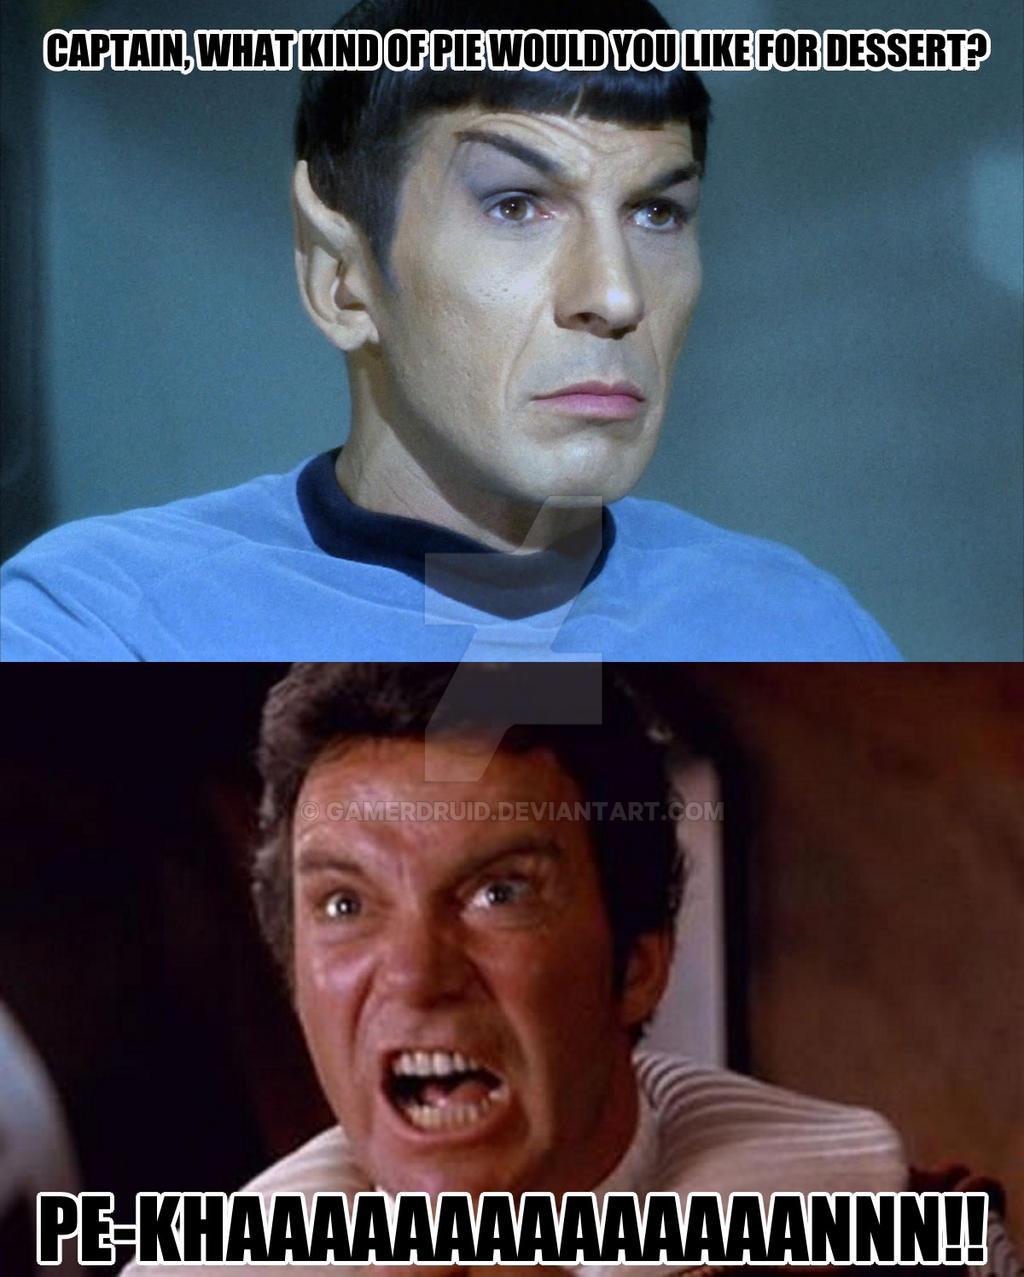 Star Trek Meme Pecan By Gamerdruid On Deviantart